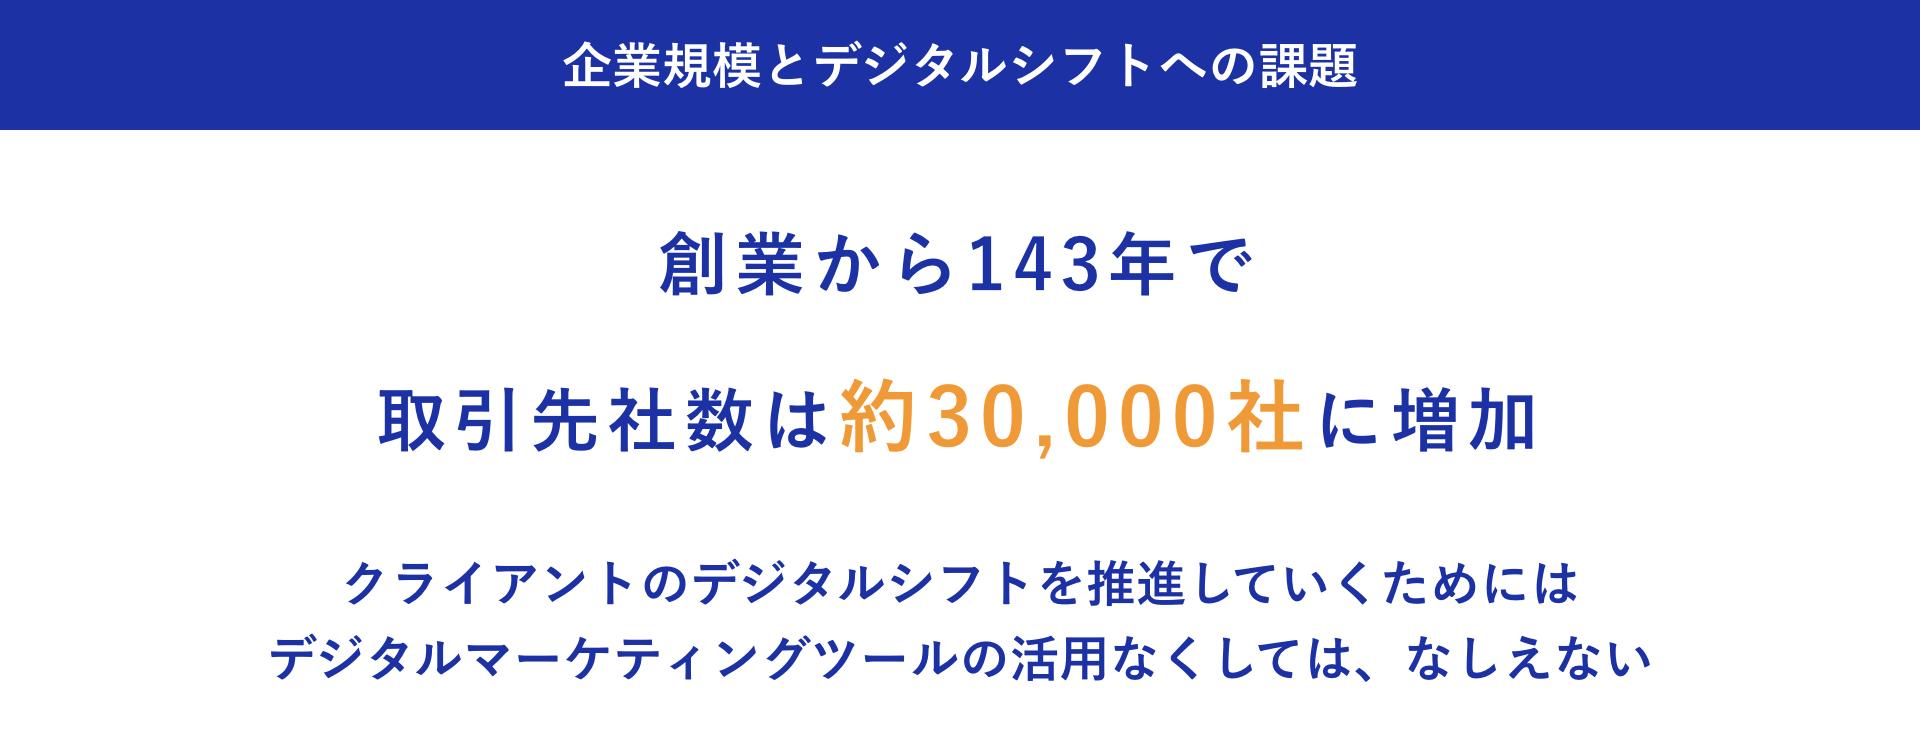 大日本印刷株式会社:加藤 綱貴 企業規模とデジタルシフトの課題